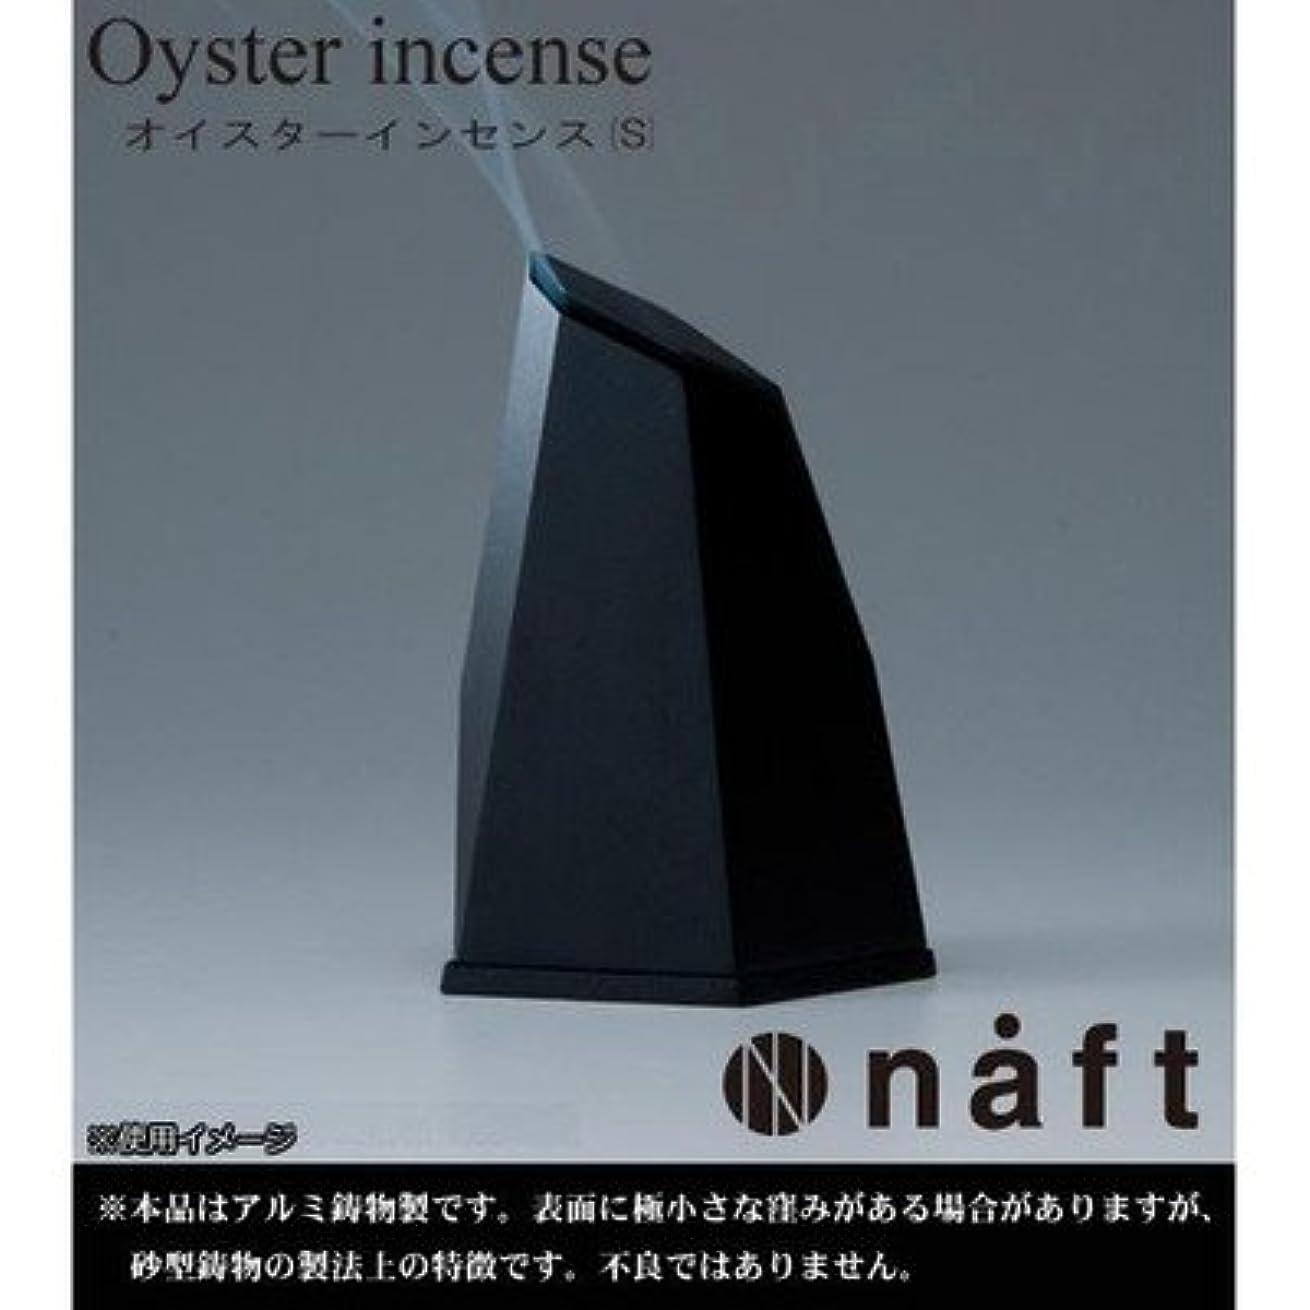 便益放射性ショッピングセンターシンプルだけどインパクトのあるフォルム naft Oyster incense オイスターインセンス 香炉 Sサイズ ブラック